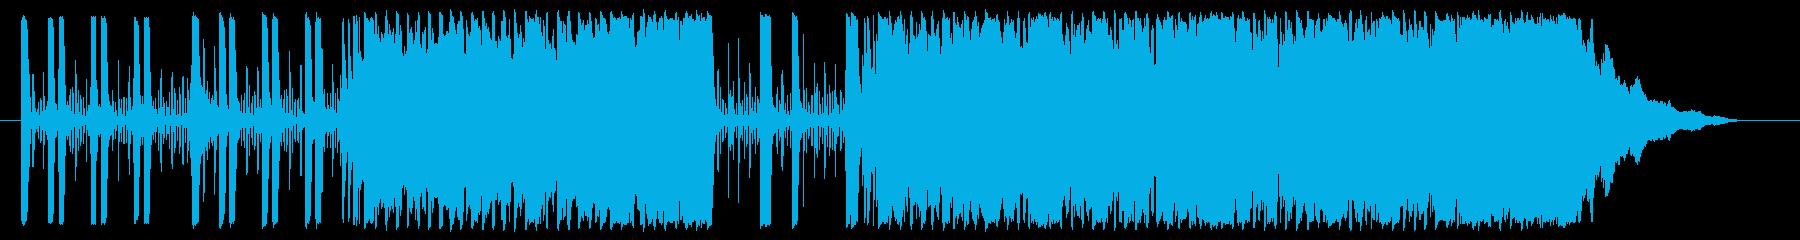 かっこよくておしゃれな響きのメロディーの再生済みの波形